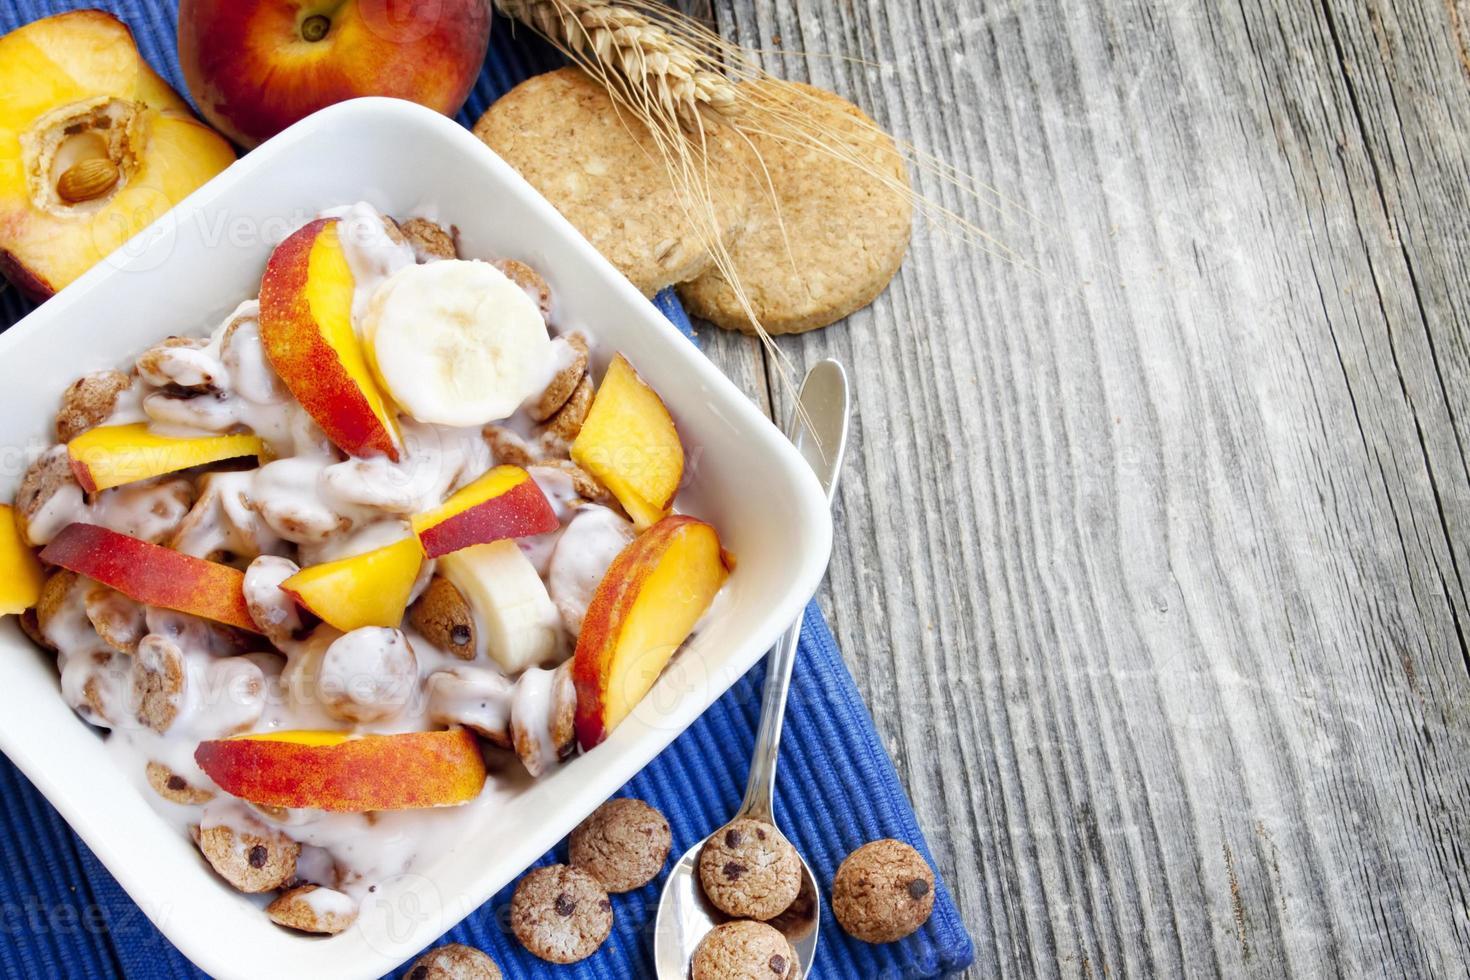 café da manhã com cereais e iogurte foto